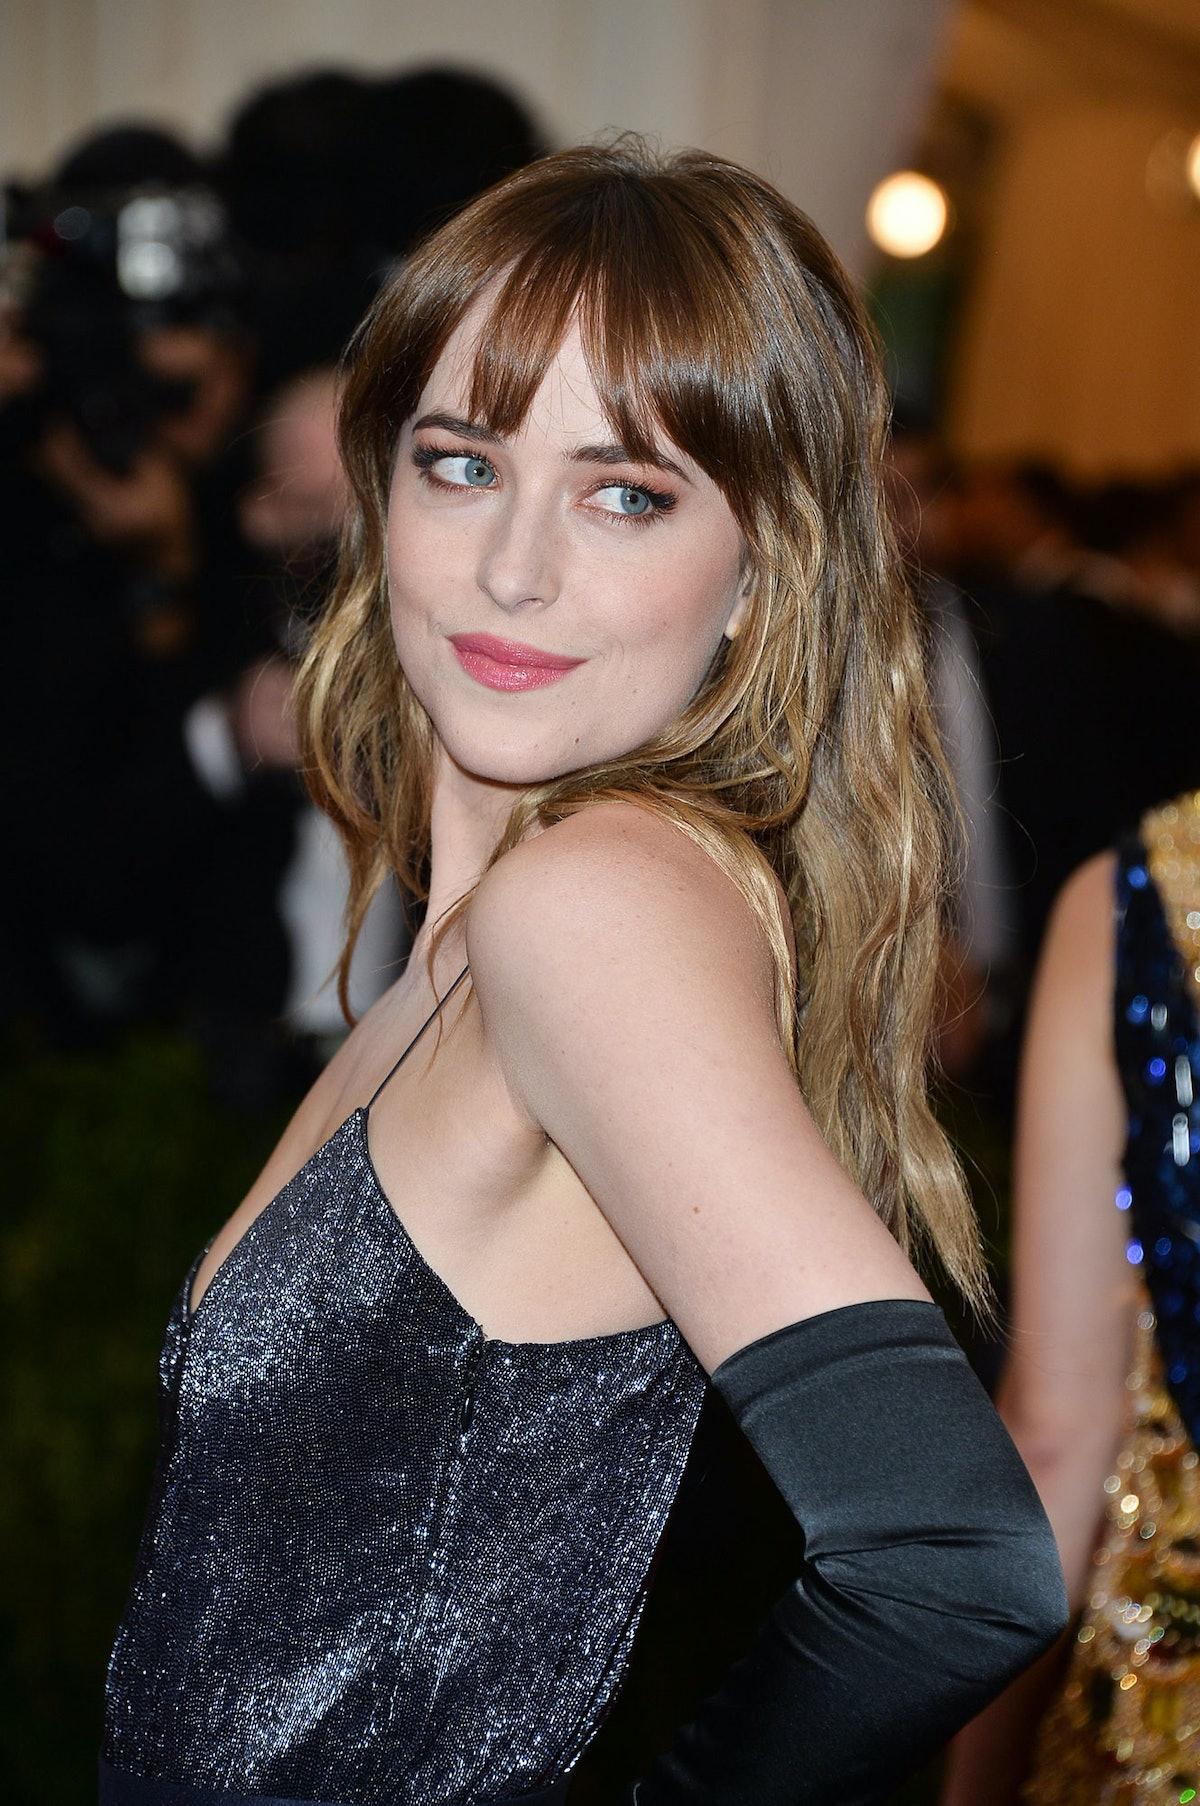 Dakota Johnson at the 2014 Met Gala